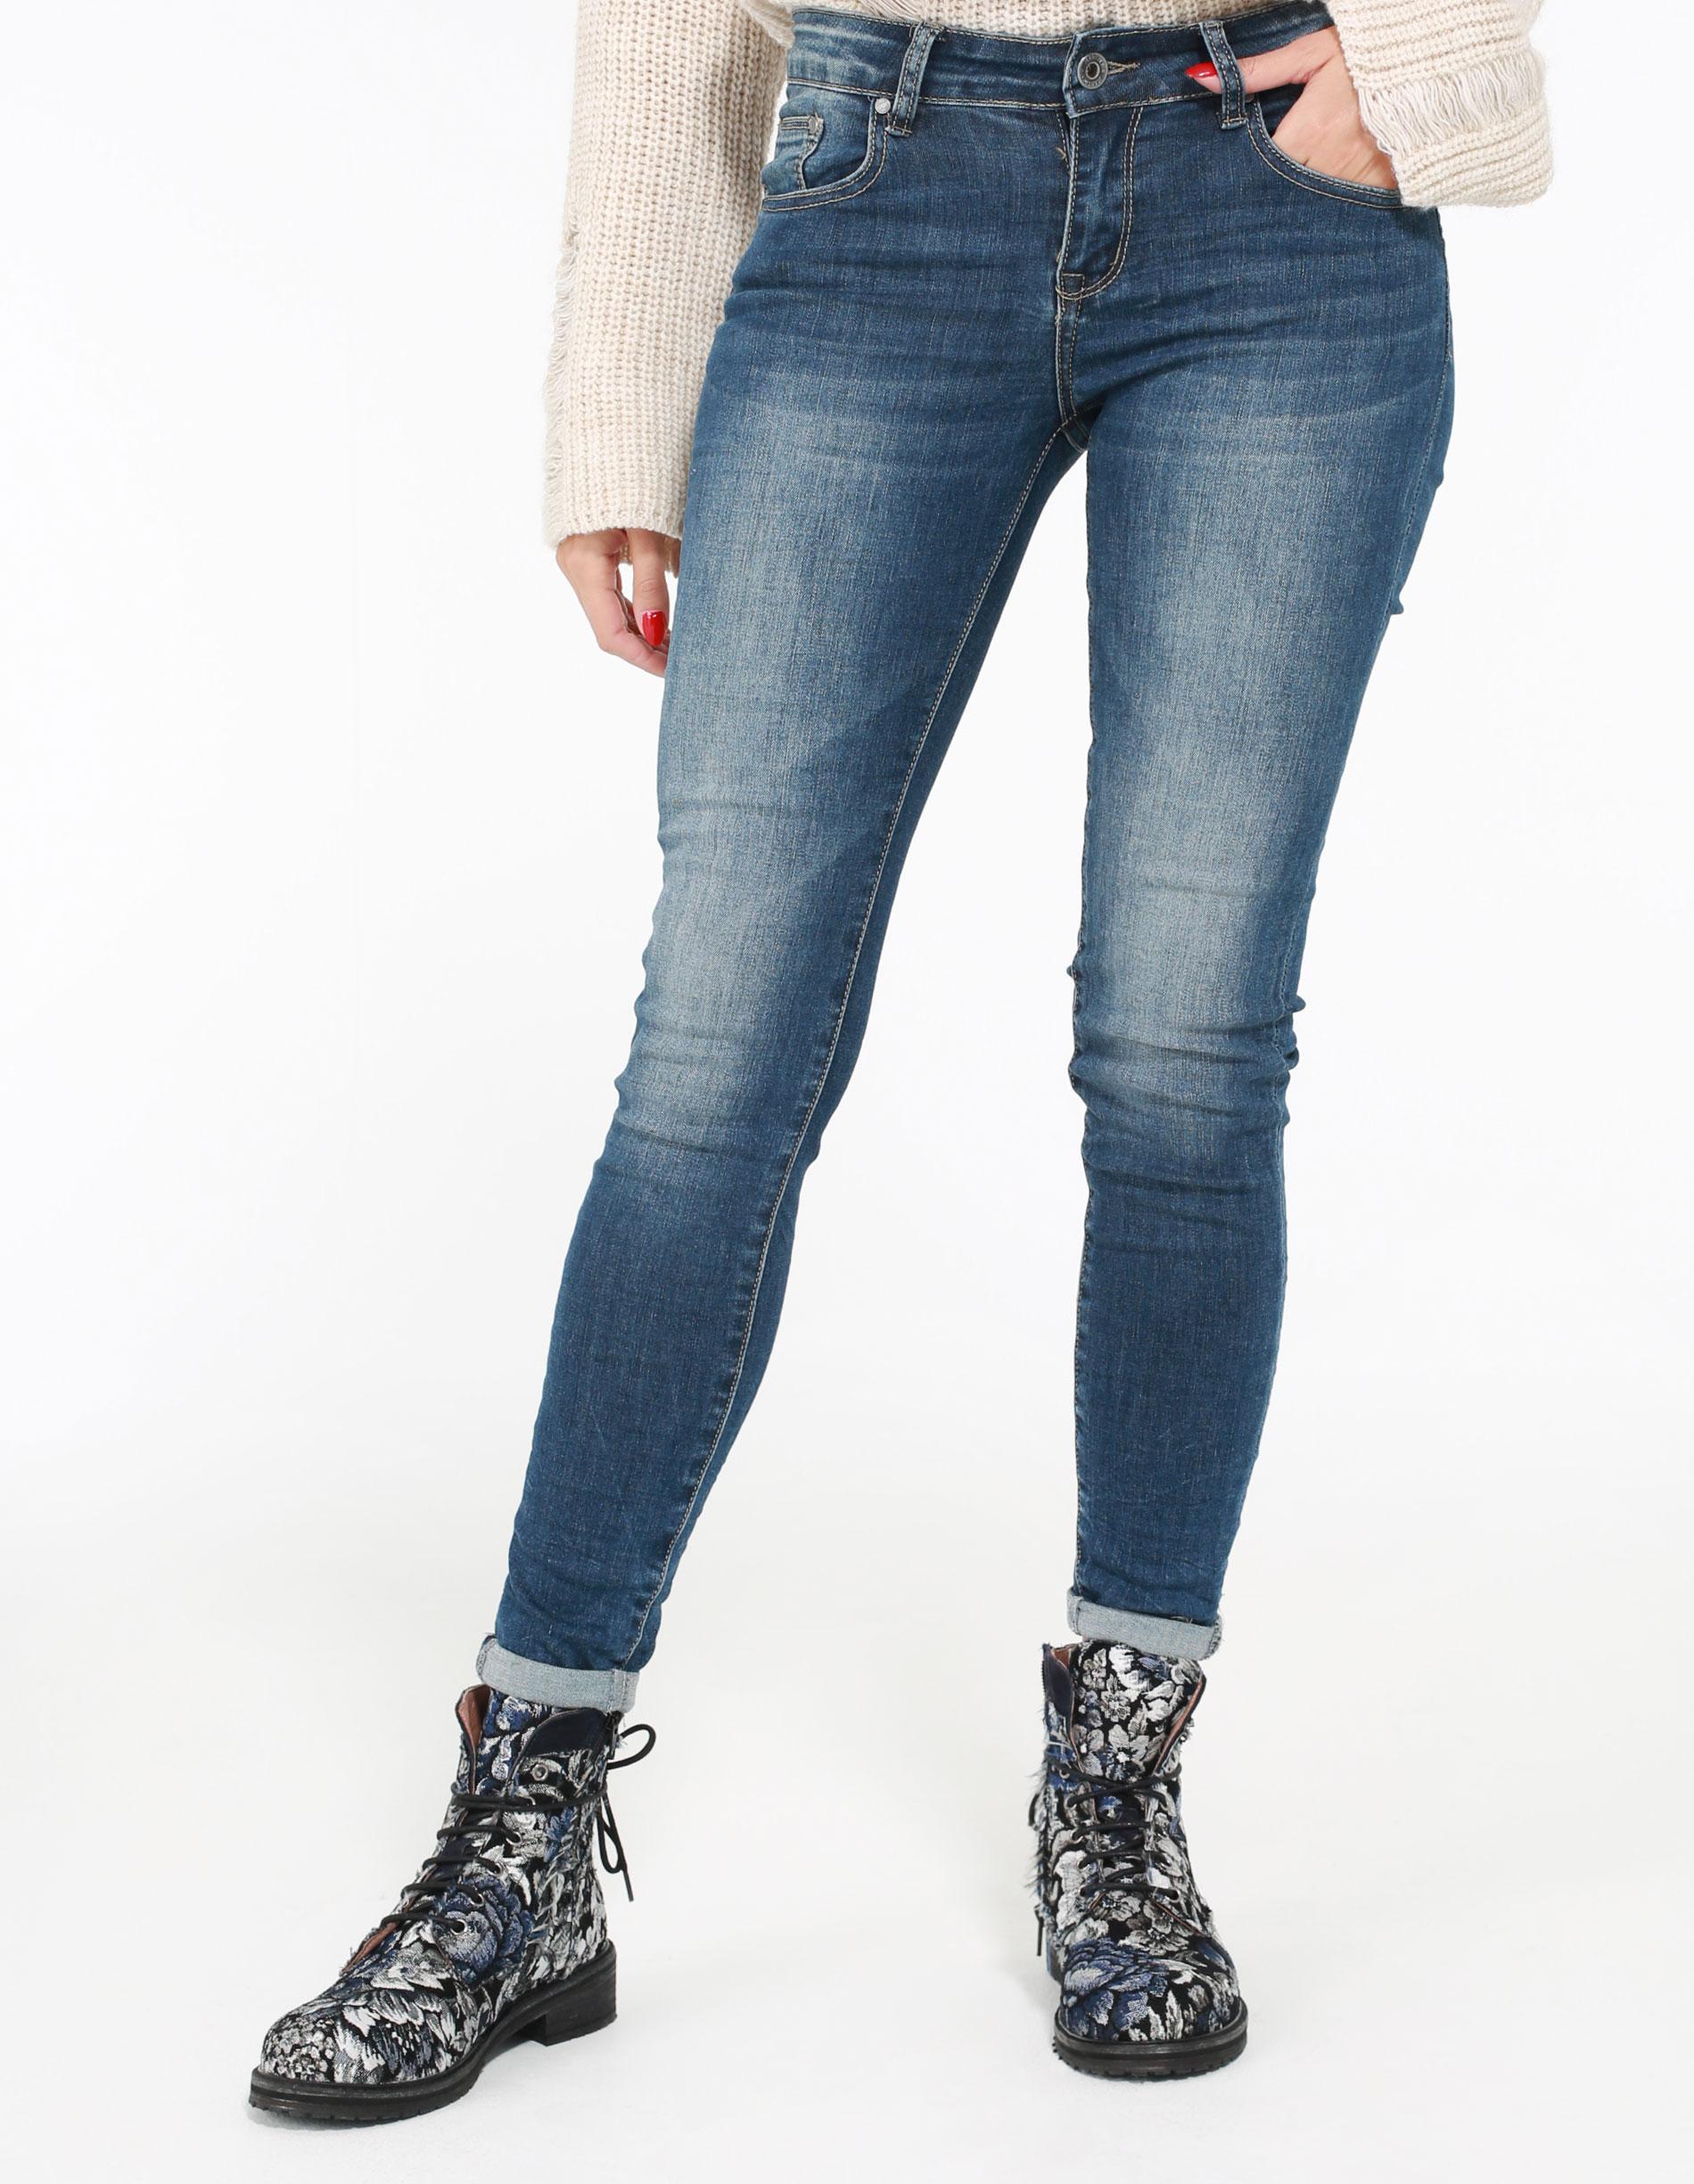 Spodnie - 42-6086 JEANS - Unisono